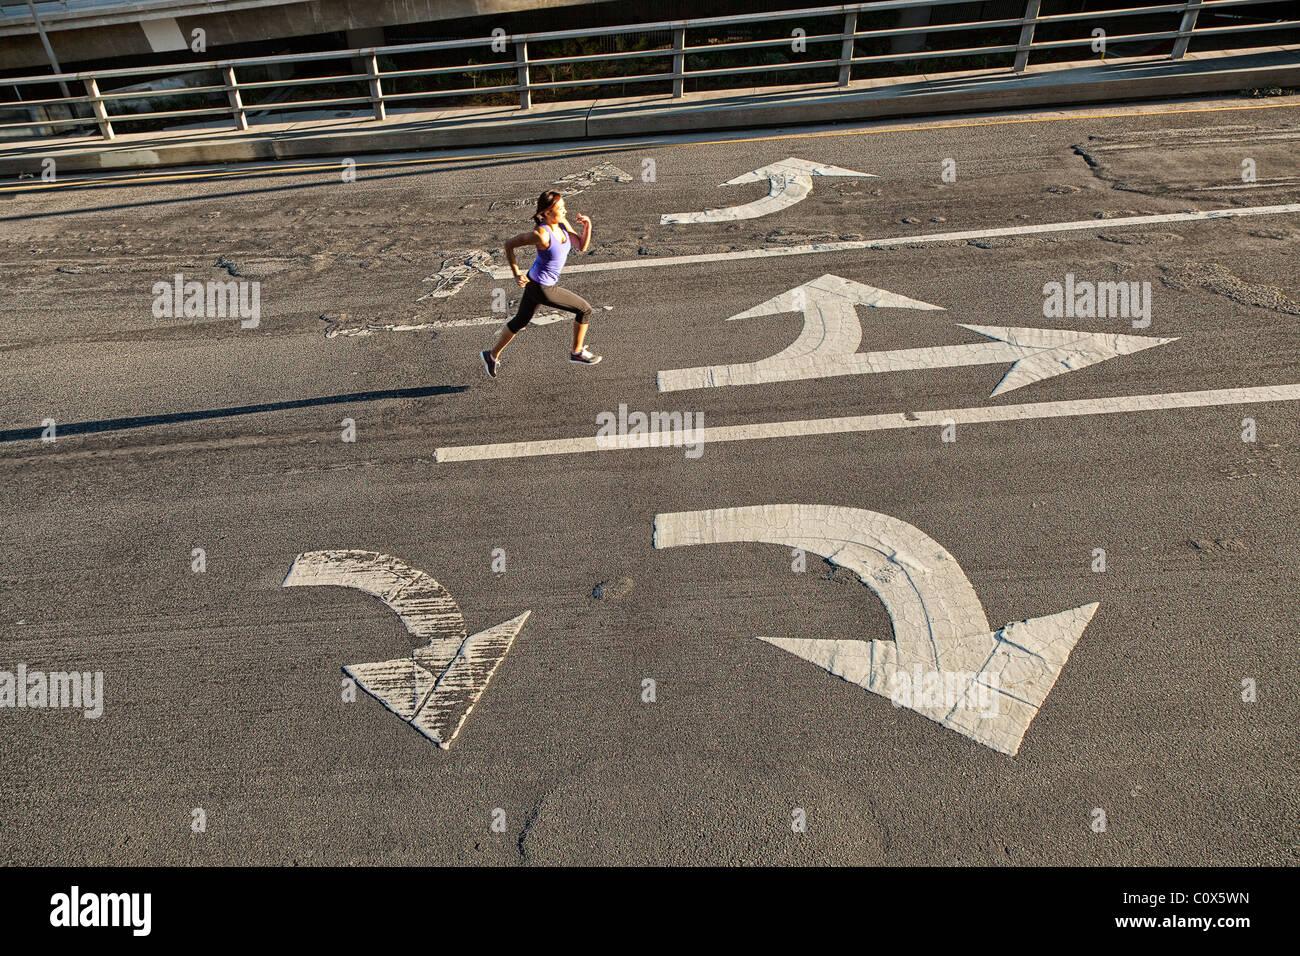 Femminile in esecuzione sulla città urbana street bridge, cavalcavia con frecce direzionali dipinta sul marciapiede Immagini Stock